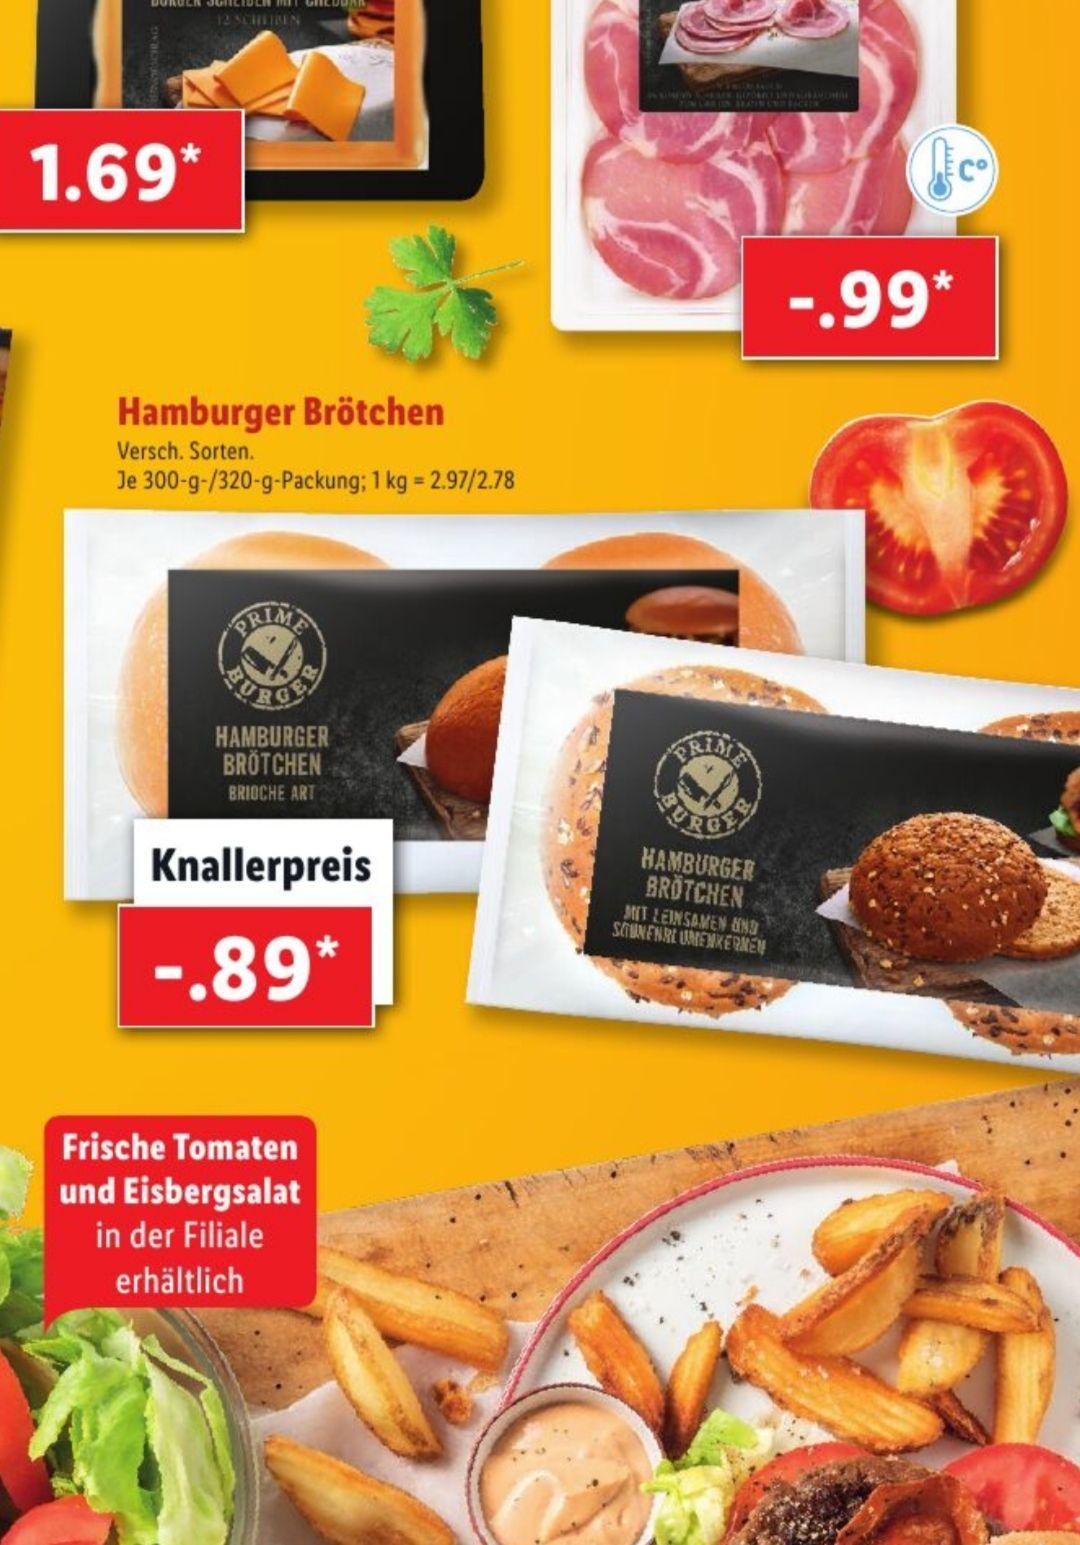 [LIDL] Burgerbrötchen Brioche oder Körner (4 Stück, 300/320g)für effektiv 0,39€ bzw. 0,49€ durch marktguru Cashback